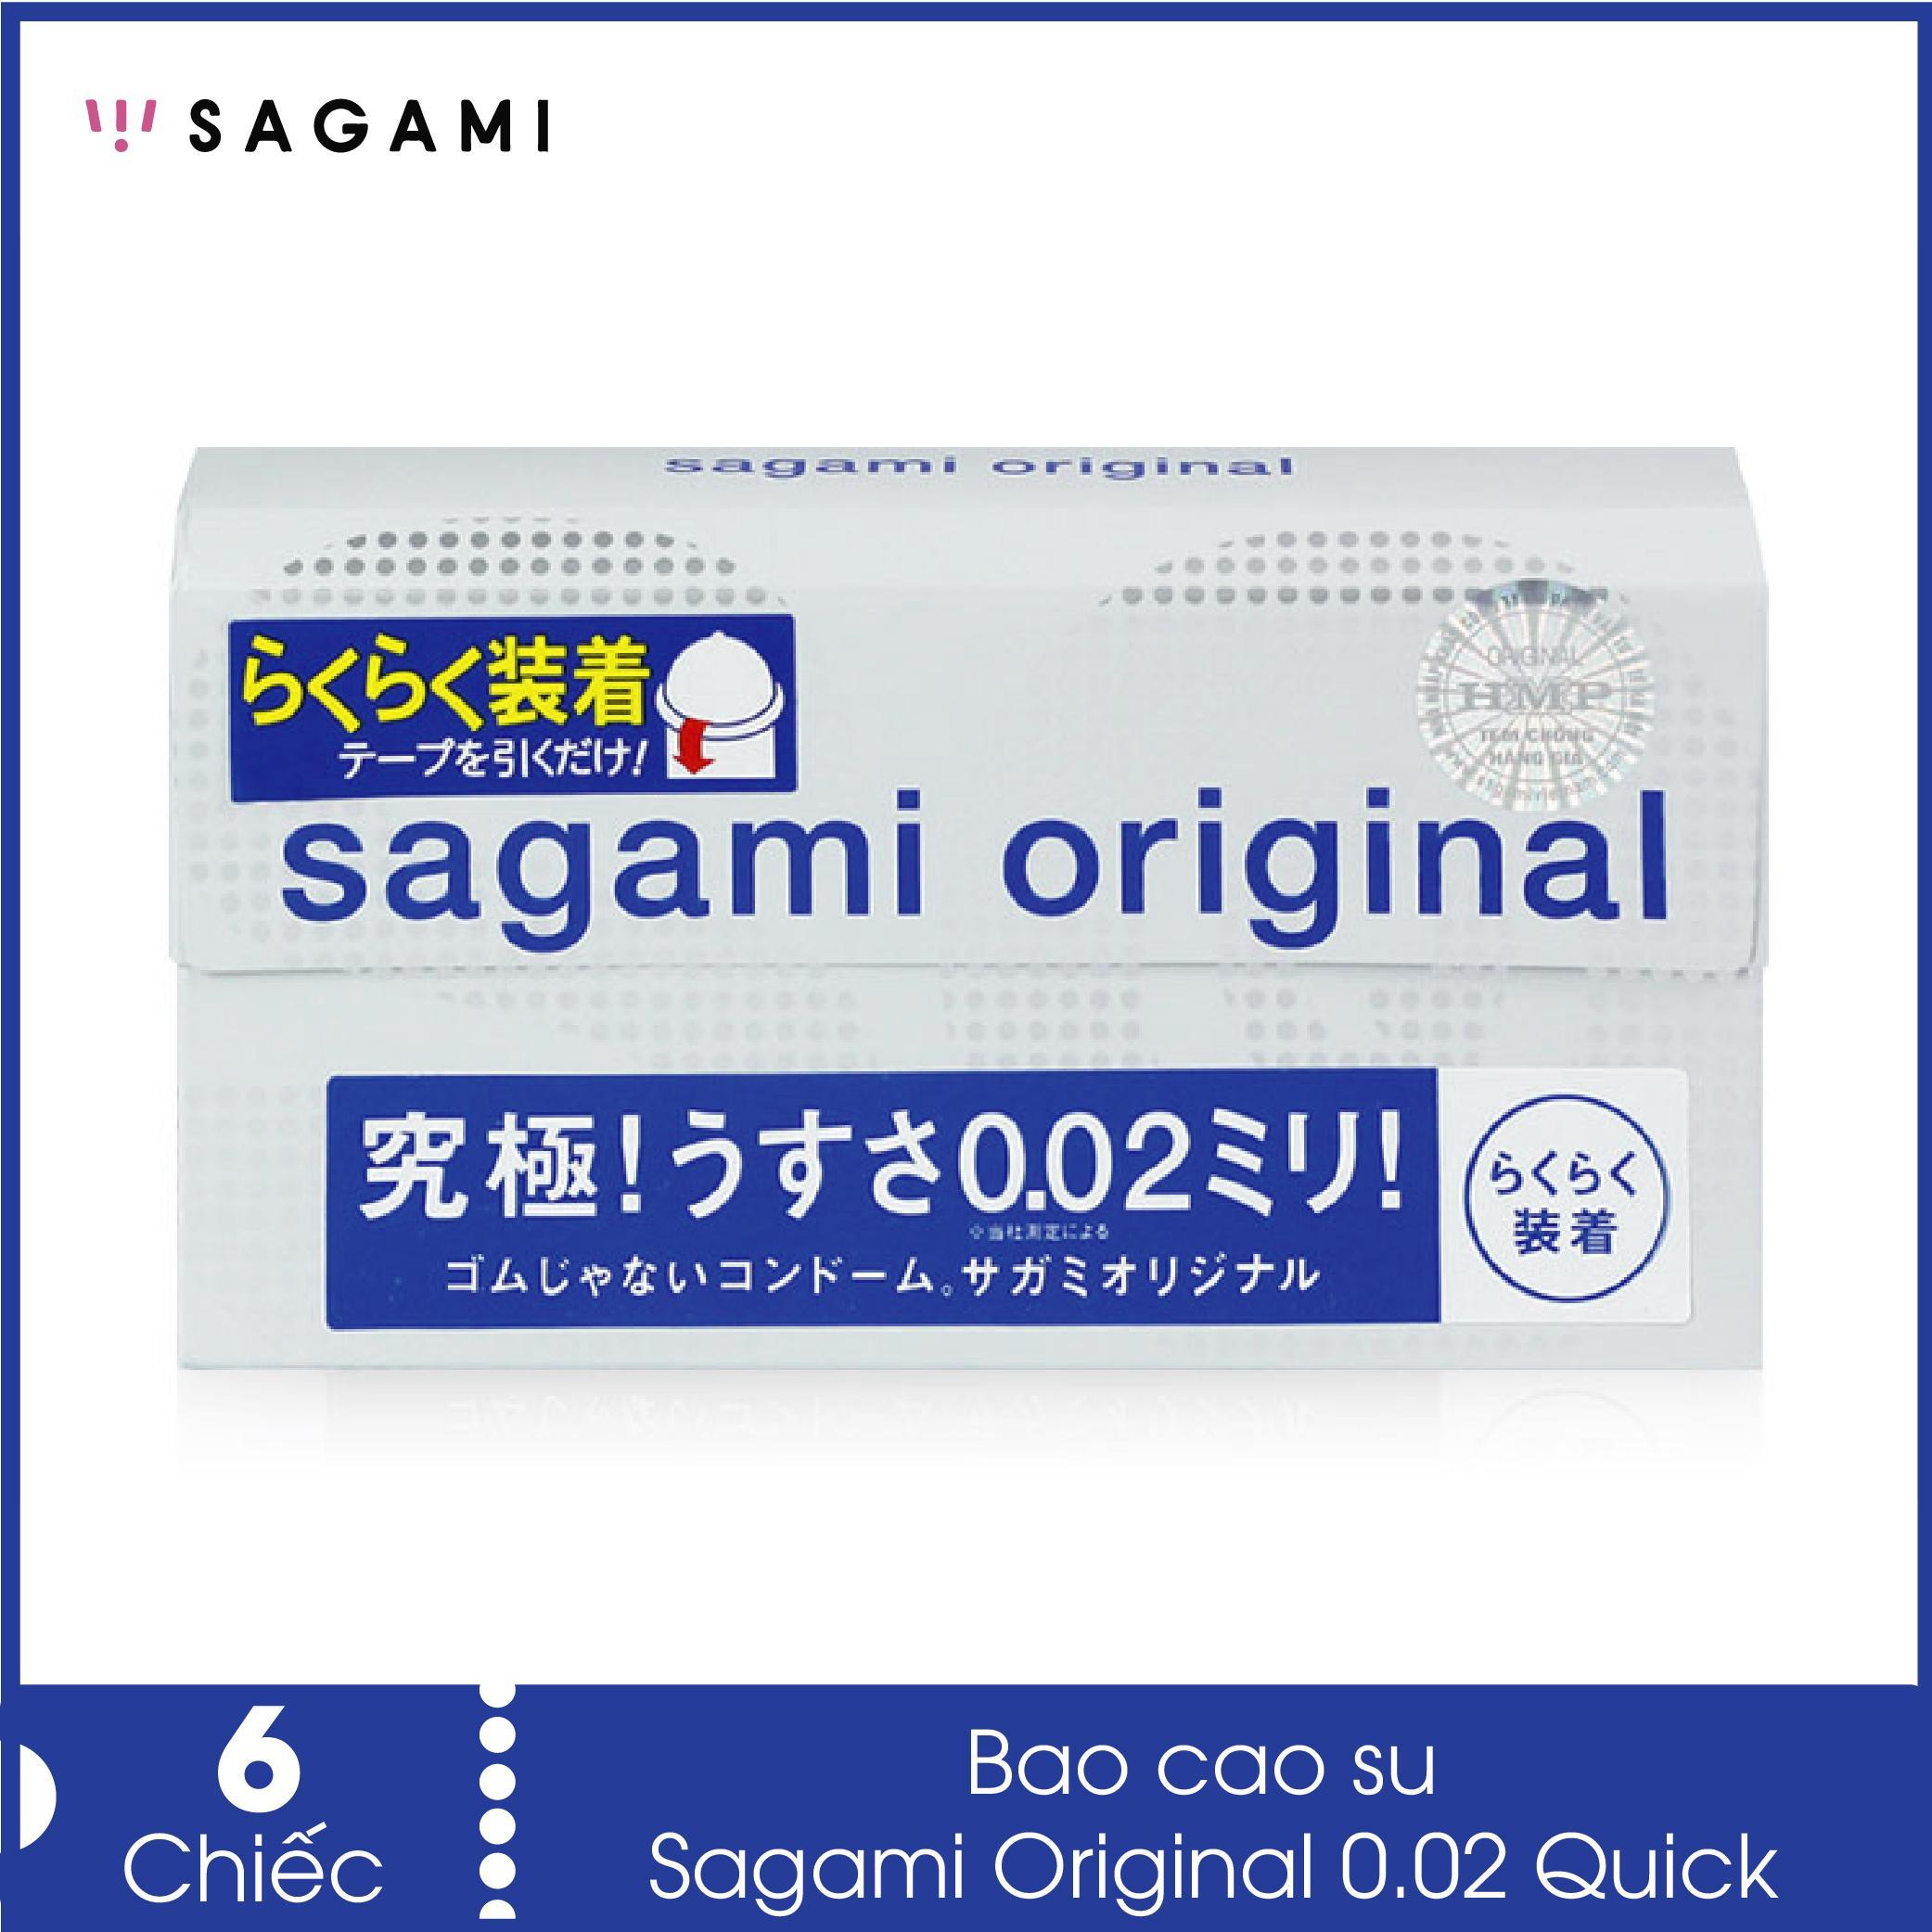 Bao cao su siêu mỏng 0.02 Sagami Quick (hộp 6 chiếc) - Hàng Nhật Bản